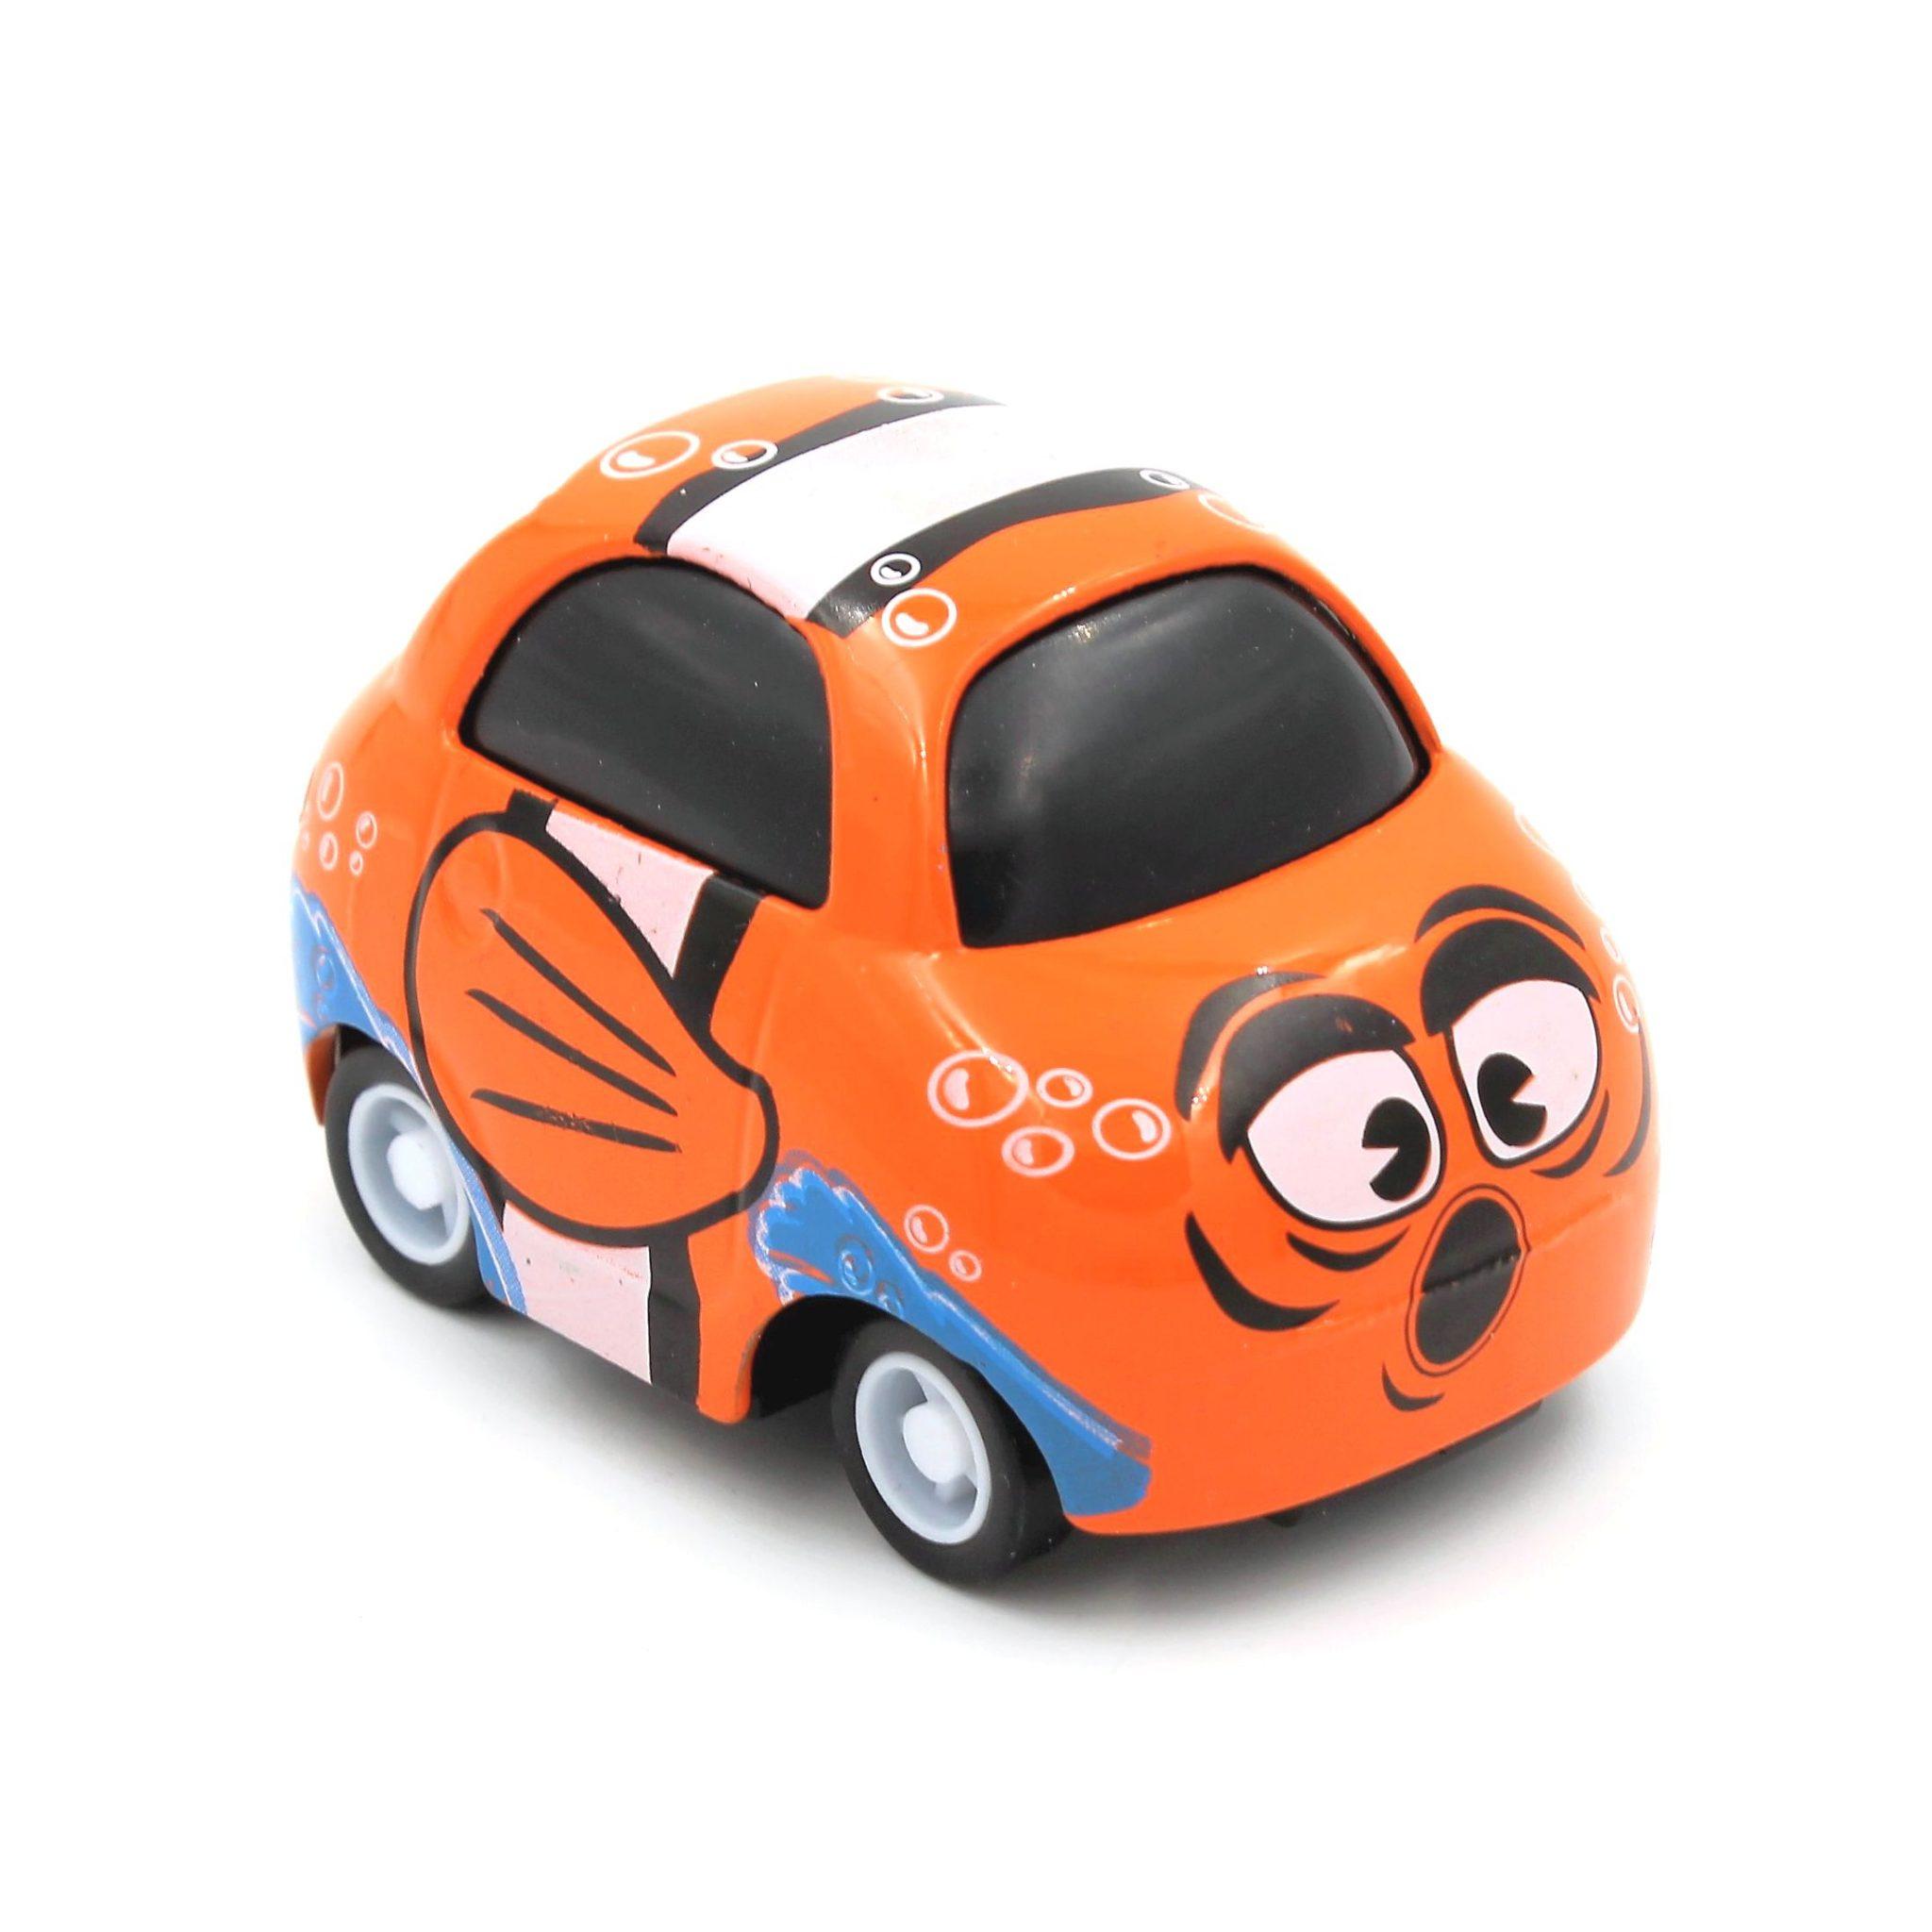 Mașinuță cu sistem pull-back clown-fish